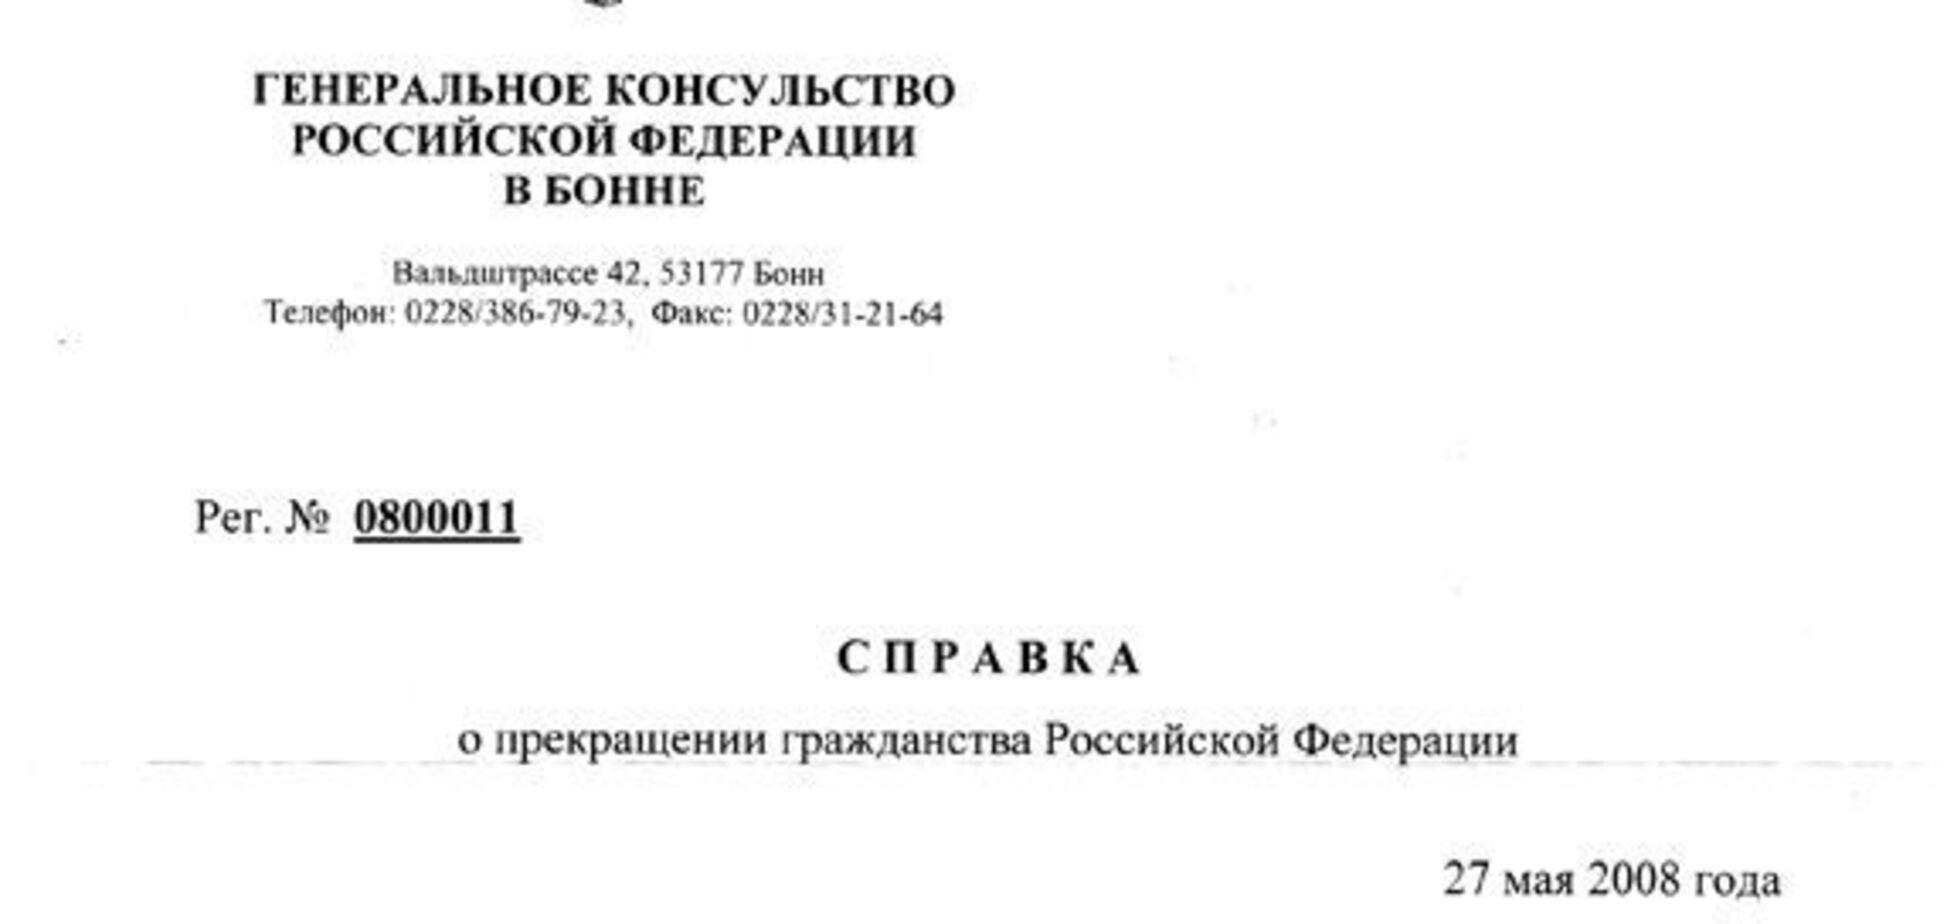 Неибадзе отказался от гражданства. А пусть не дразнятся!